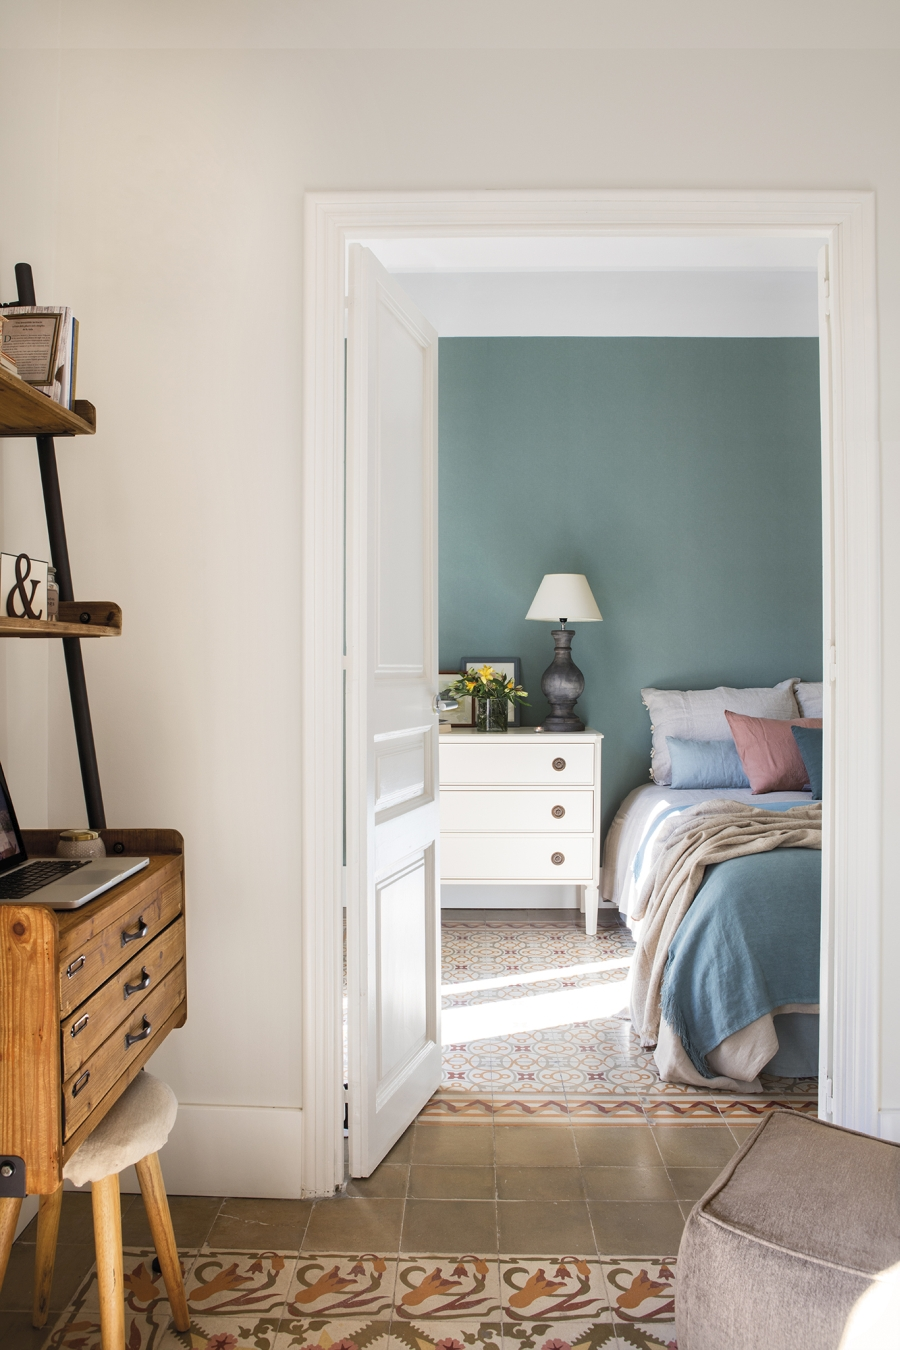 Przytulny apartament z dodatkami w stylu vintage - wystrój wnętrz, wnętrza, urządzanie mieszkania, dom, home decor, dekoracje, aranżacje, styl vintage, vintage, małe mieszkania, jasne wnętrza, drewno, sypialnia, bedroom